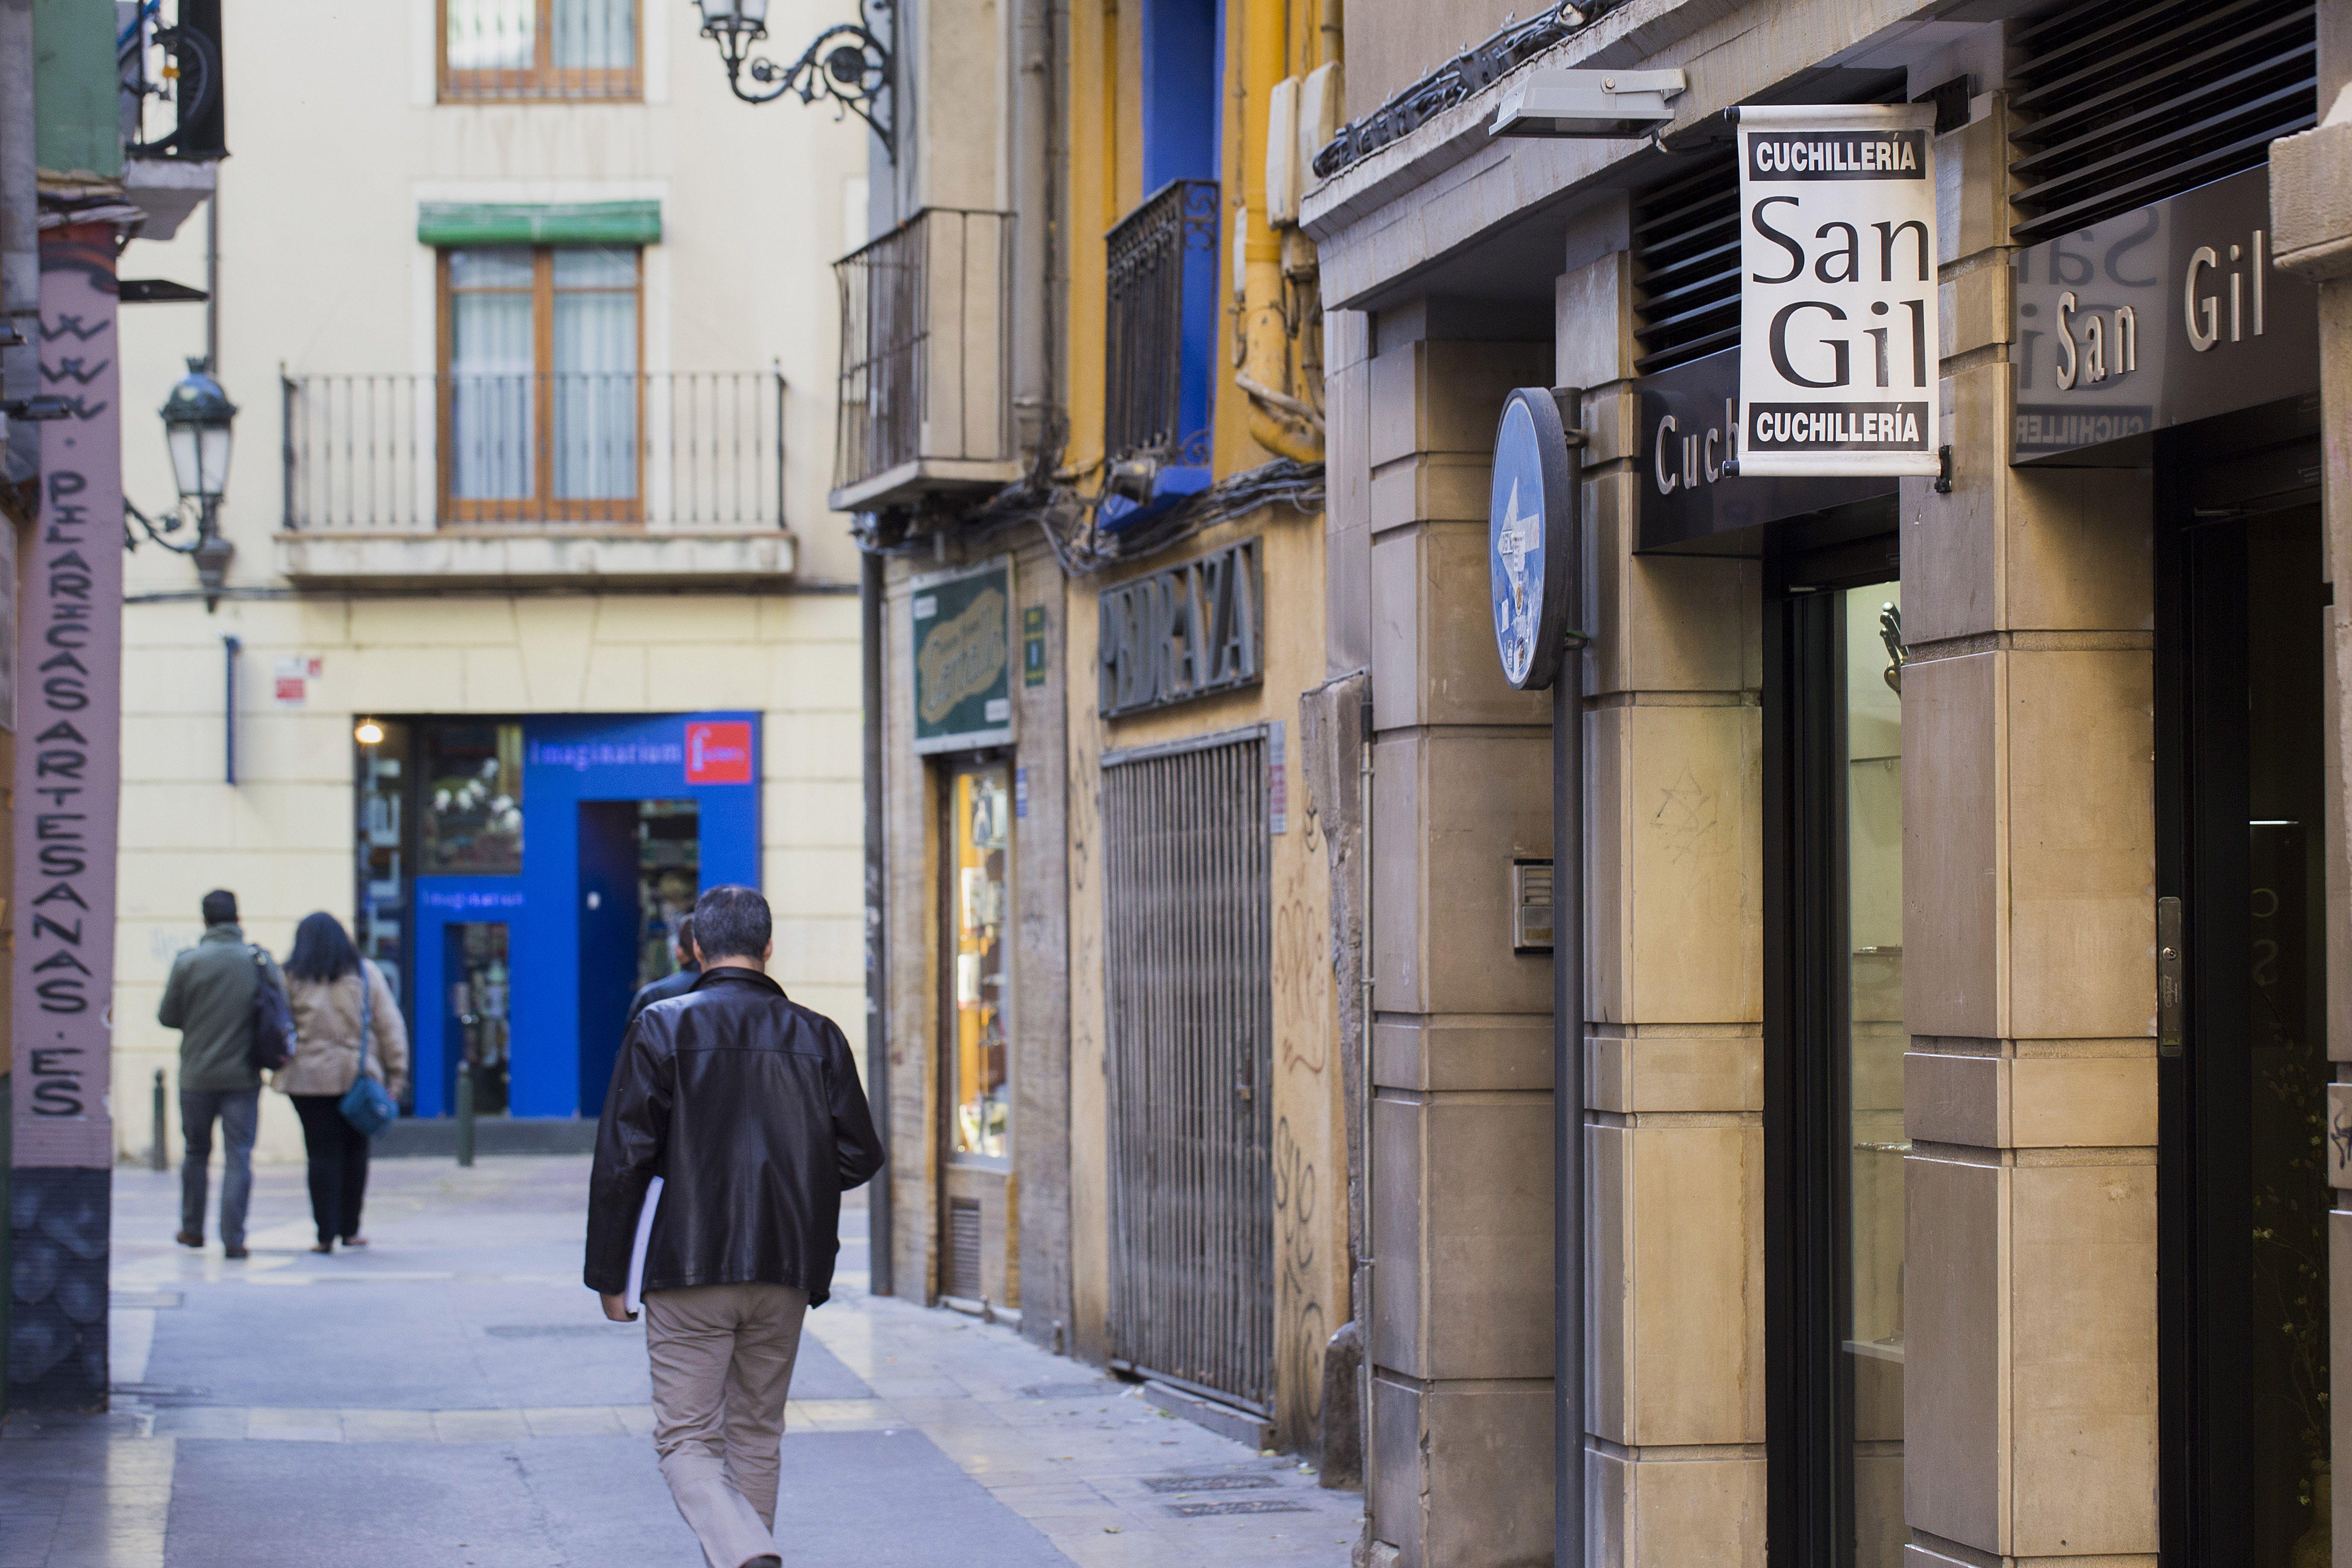 Tienda especializada en cuchillos en Zaragoza